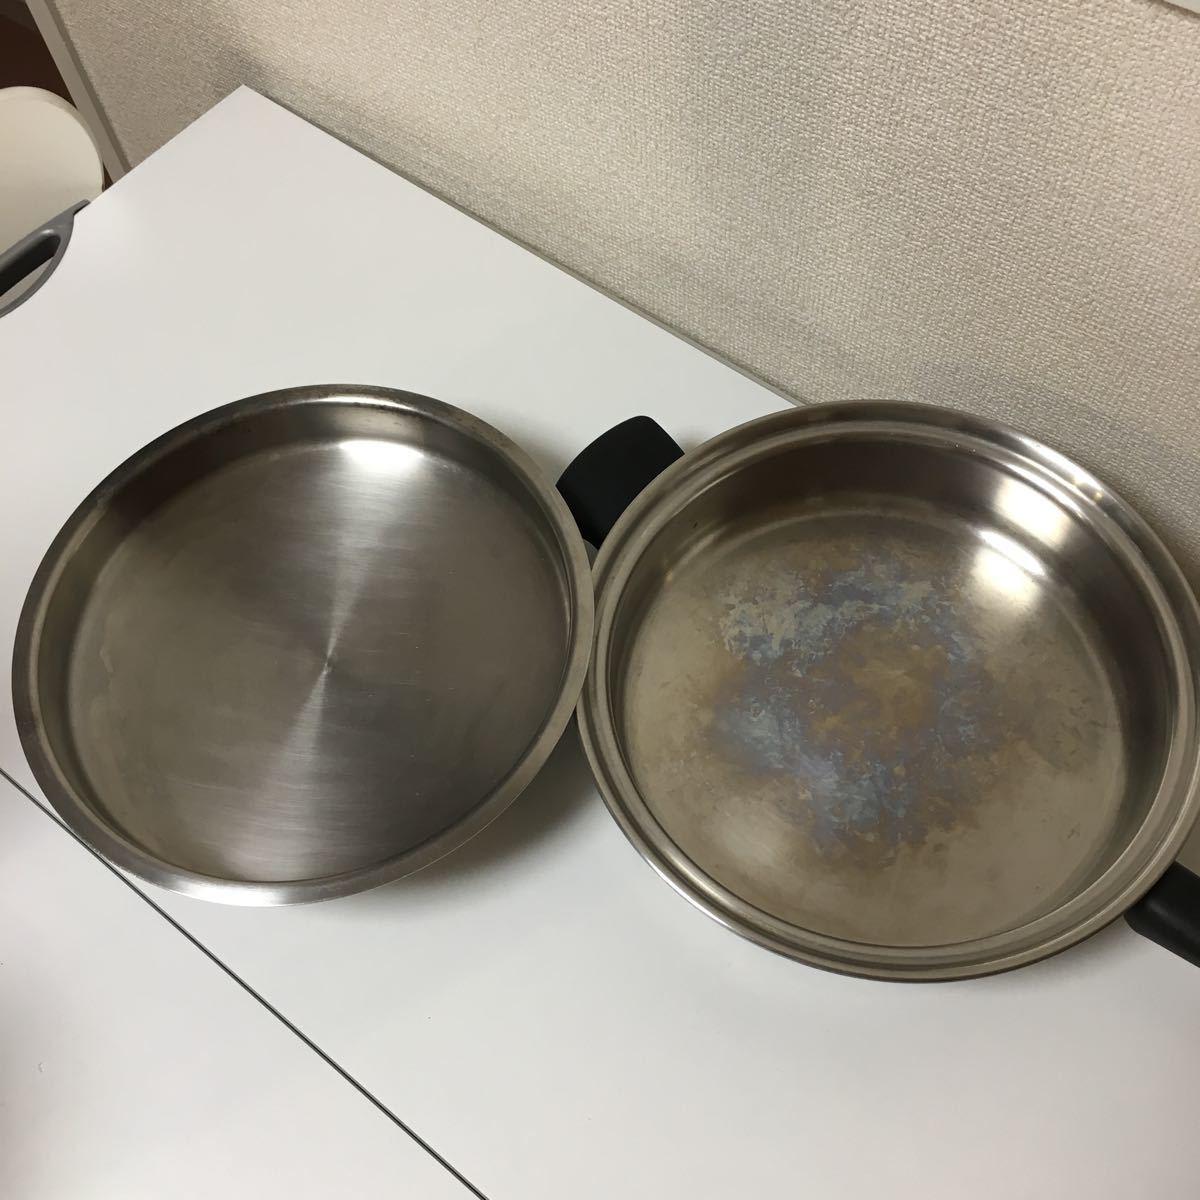 Amwayフライパン☆備品交換済み☆フライパン☆蓋付き_画像6